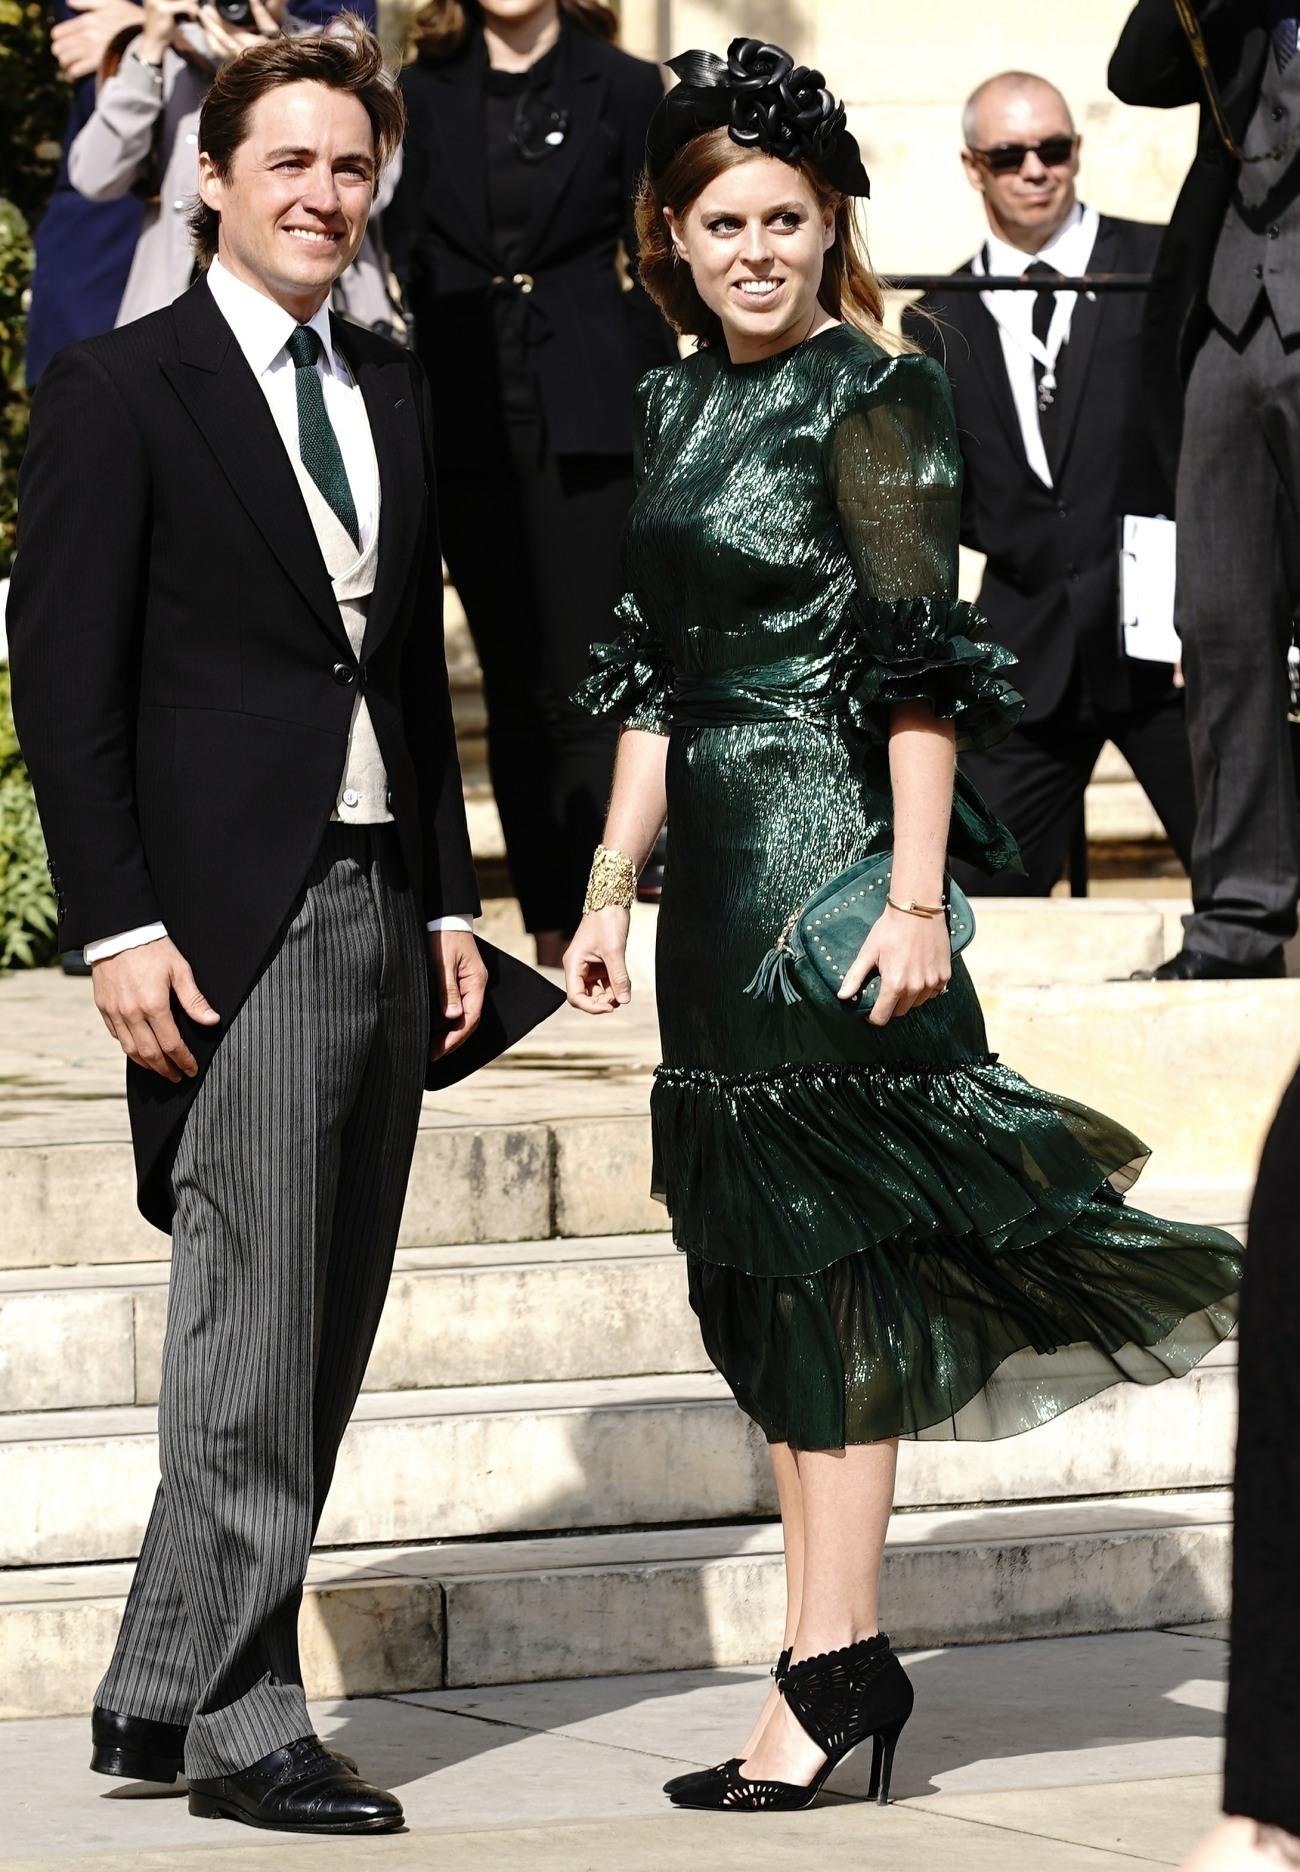 Le nozze di Ellie Goulding e Caspar Jopling - Avvistamenti di celebrità